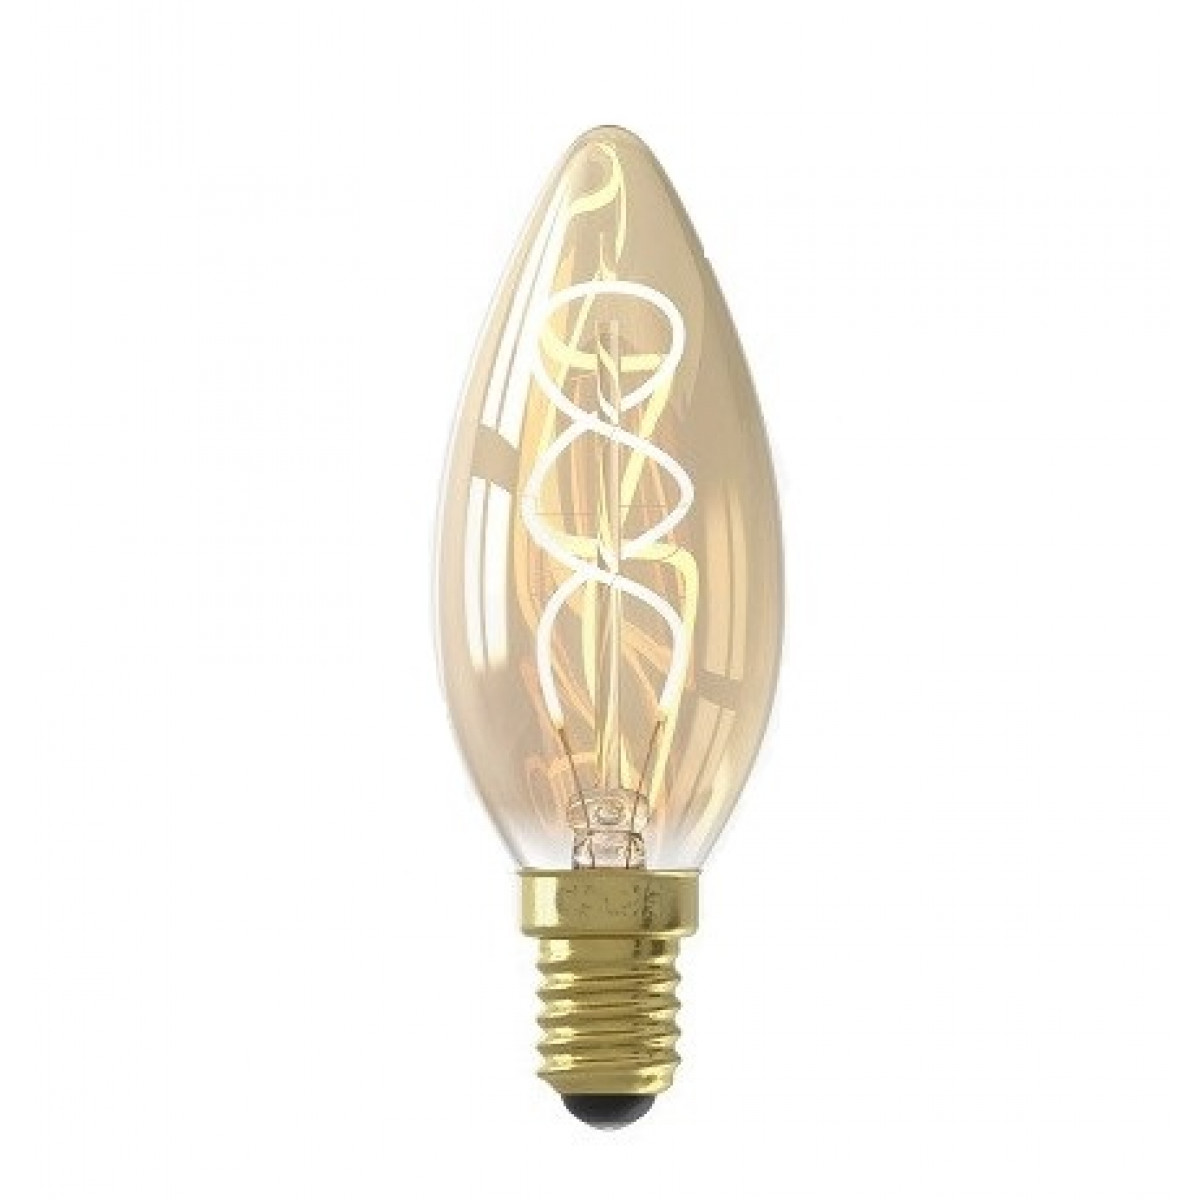 LED Candle E14 lamp